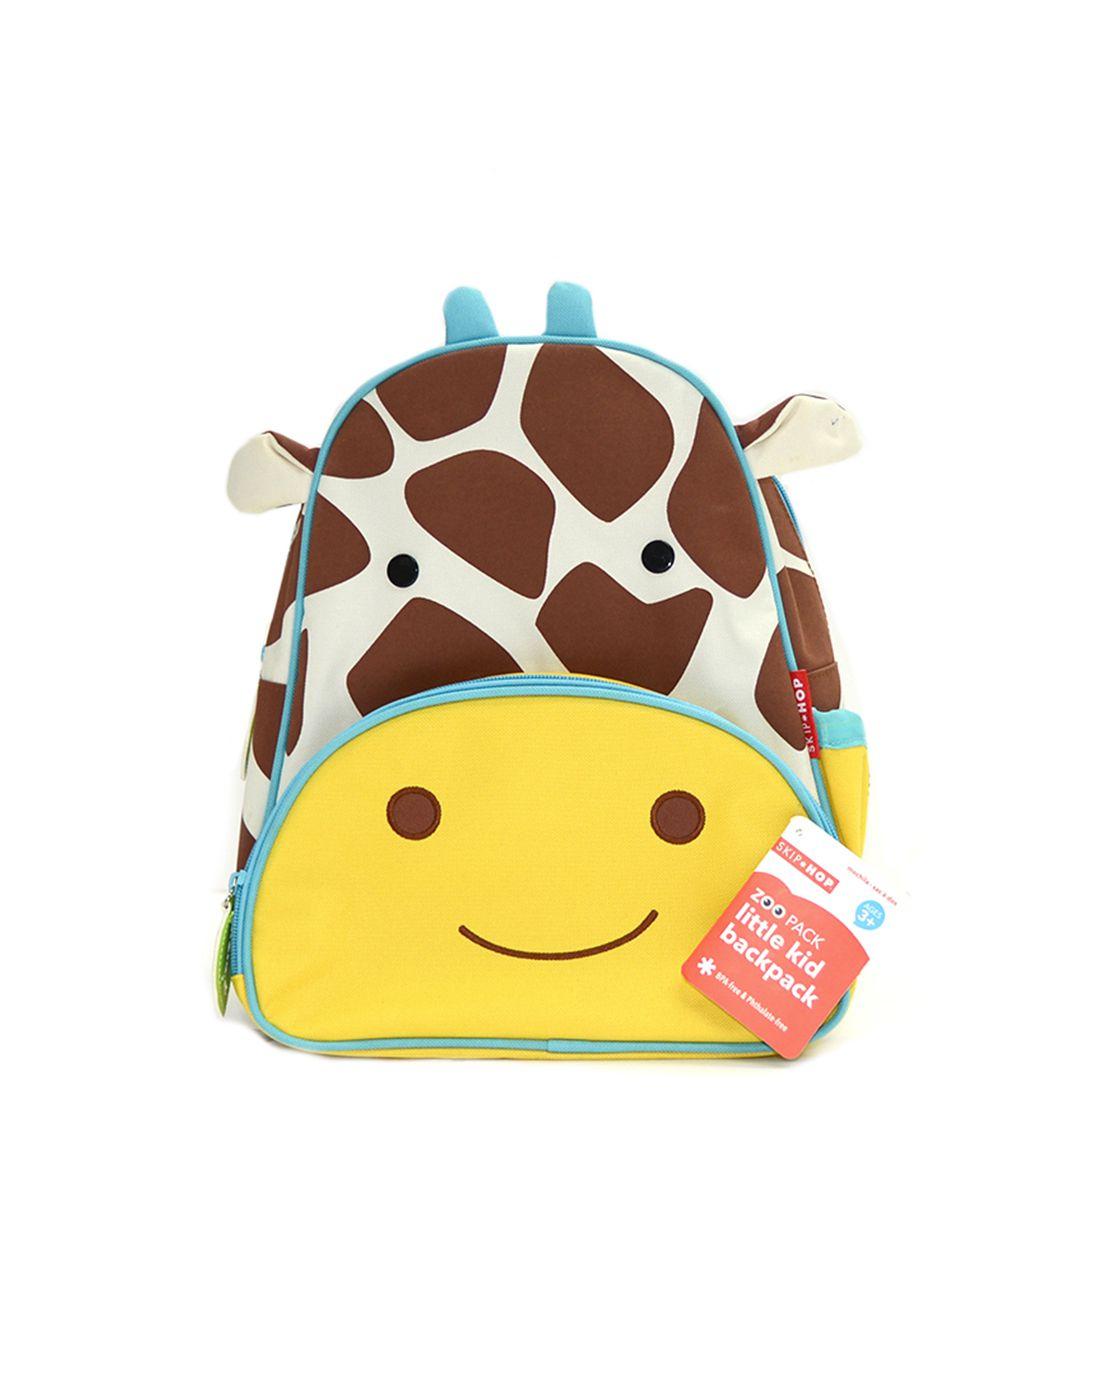 可爱动物园小童背包 - 长颈鹿